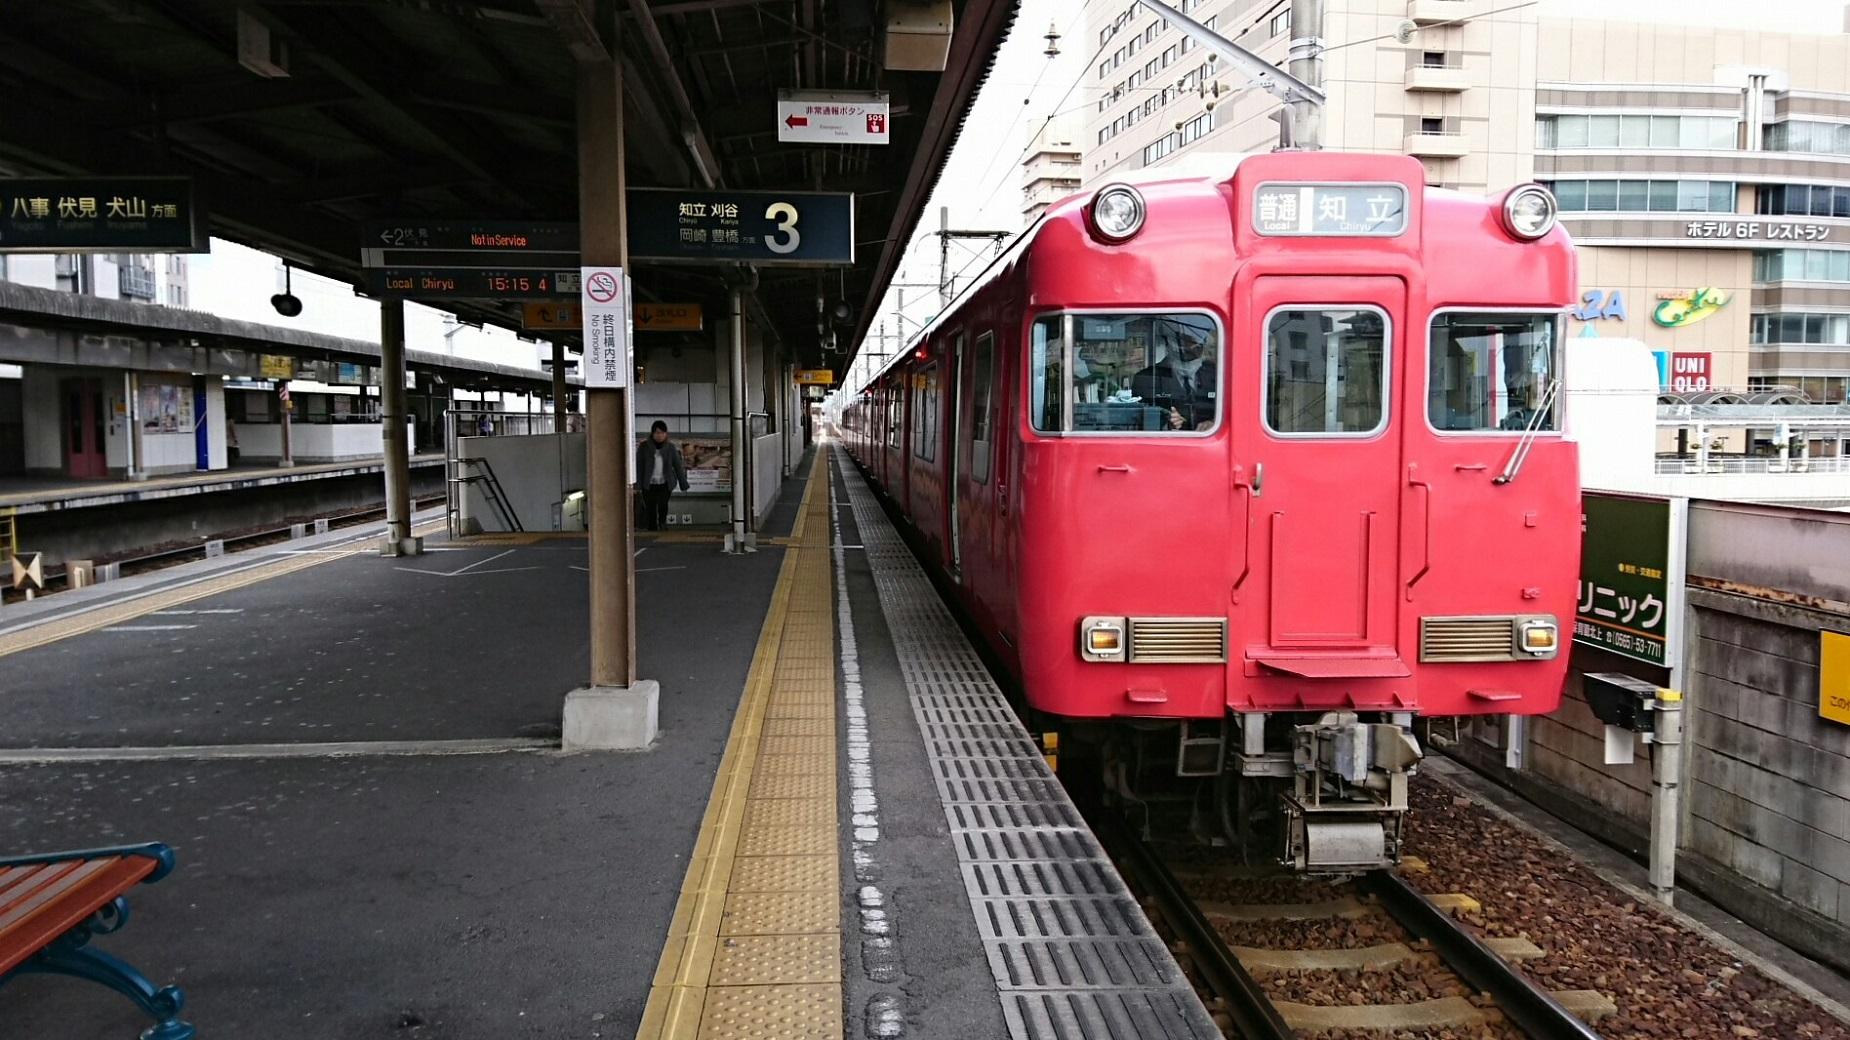 2018.2.5 三河線かえり (7) 豊田市 - 知立いきふつう 1850-1040